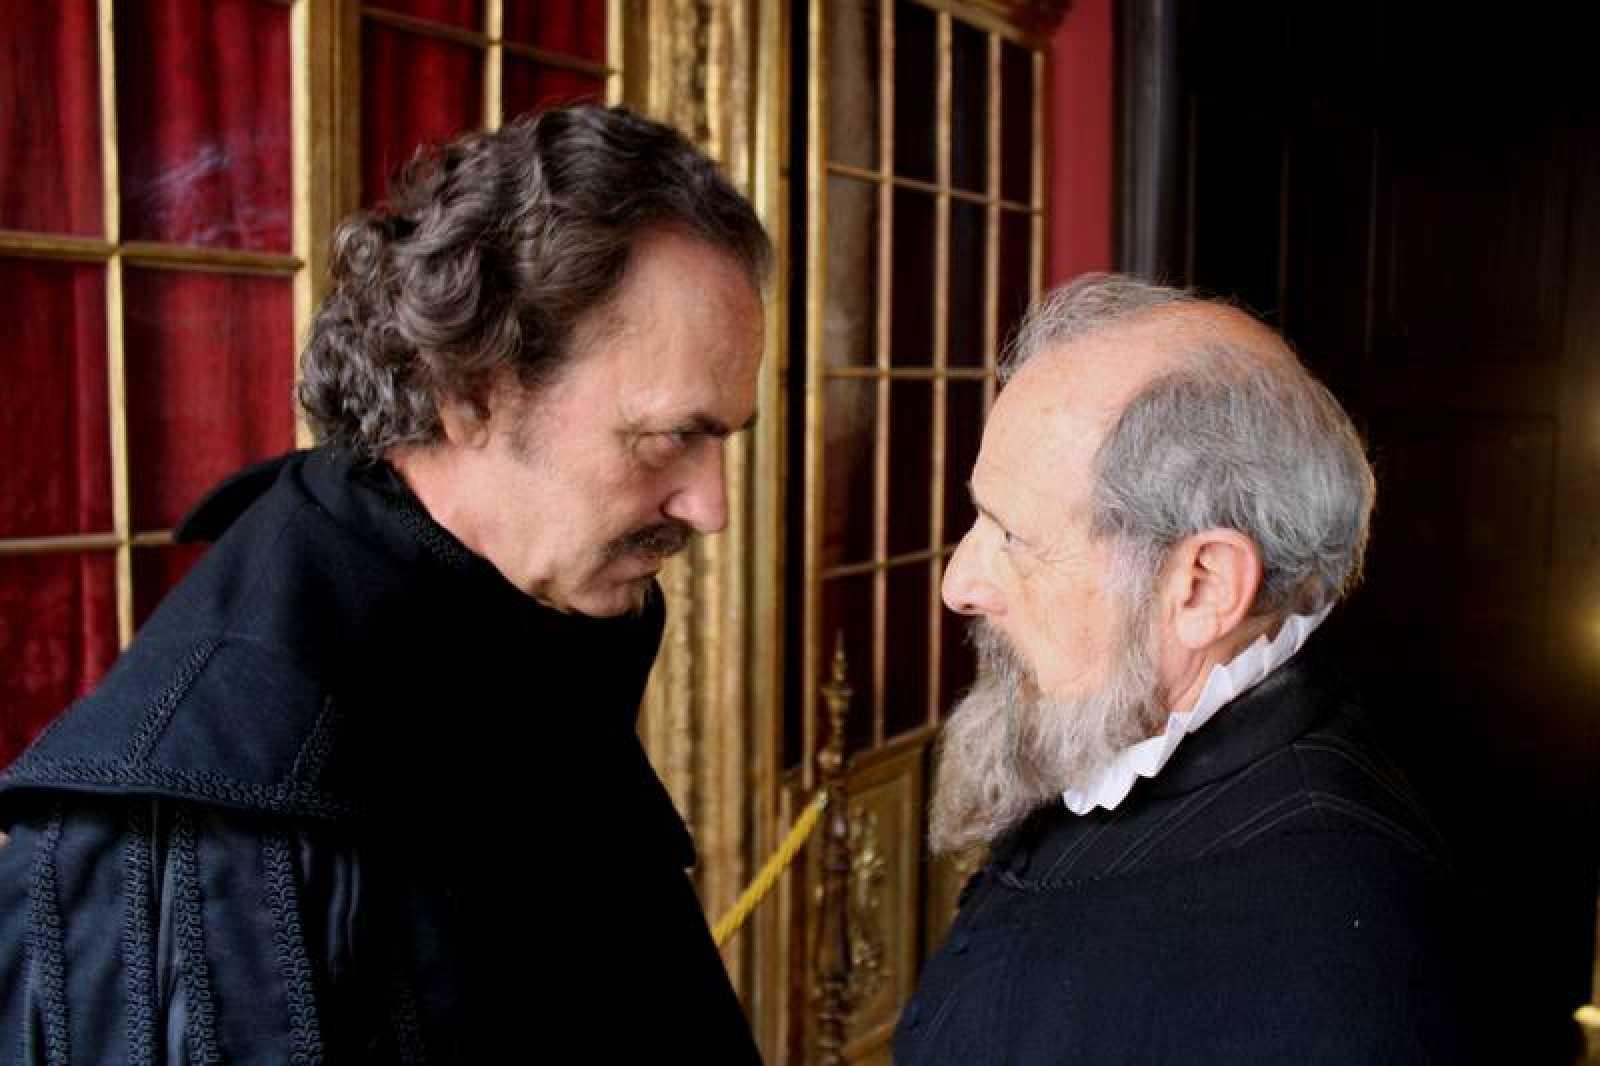 José Coronado es Lope de Vega y Emilio Gutiérrez Caba encarna a Cervantes